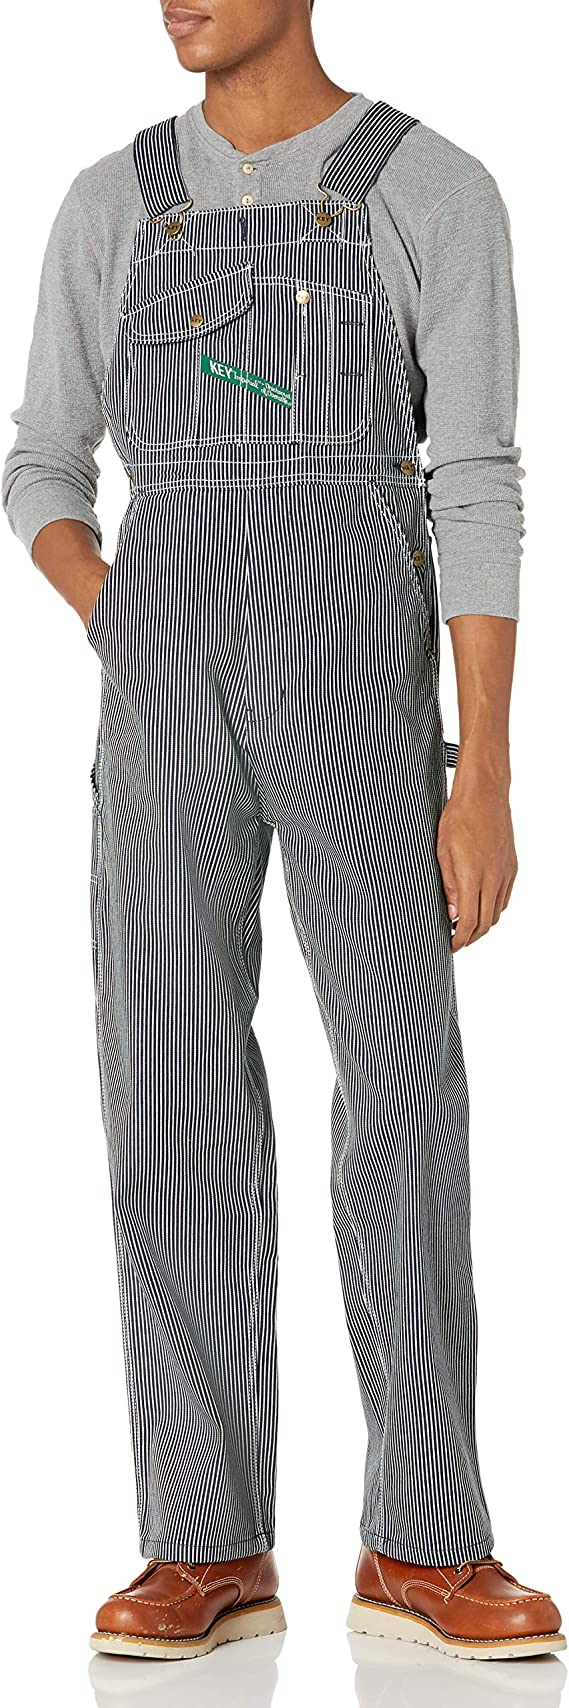 Men's Vintage Workwear Inspired Clothing Key Apparel Mens Hickory Stripe High Back Bib Overall  AT vintagedancer.com